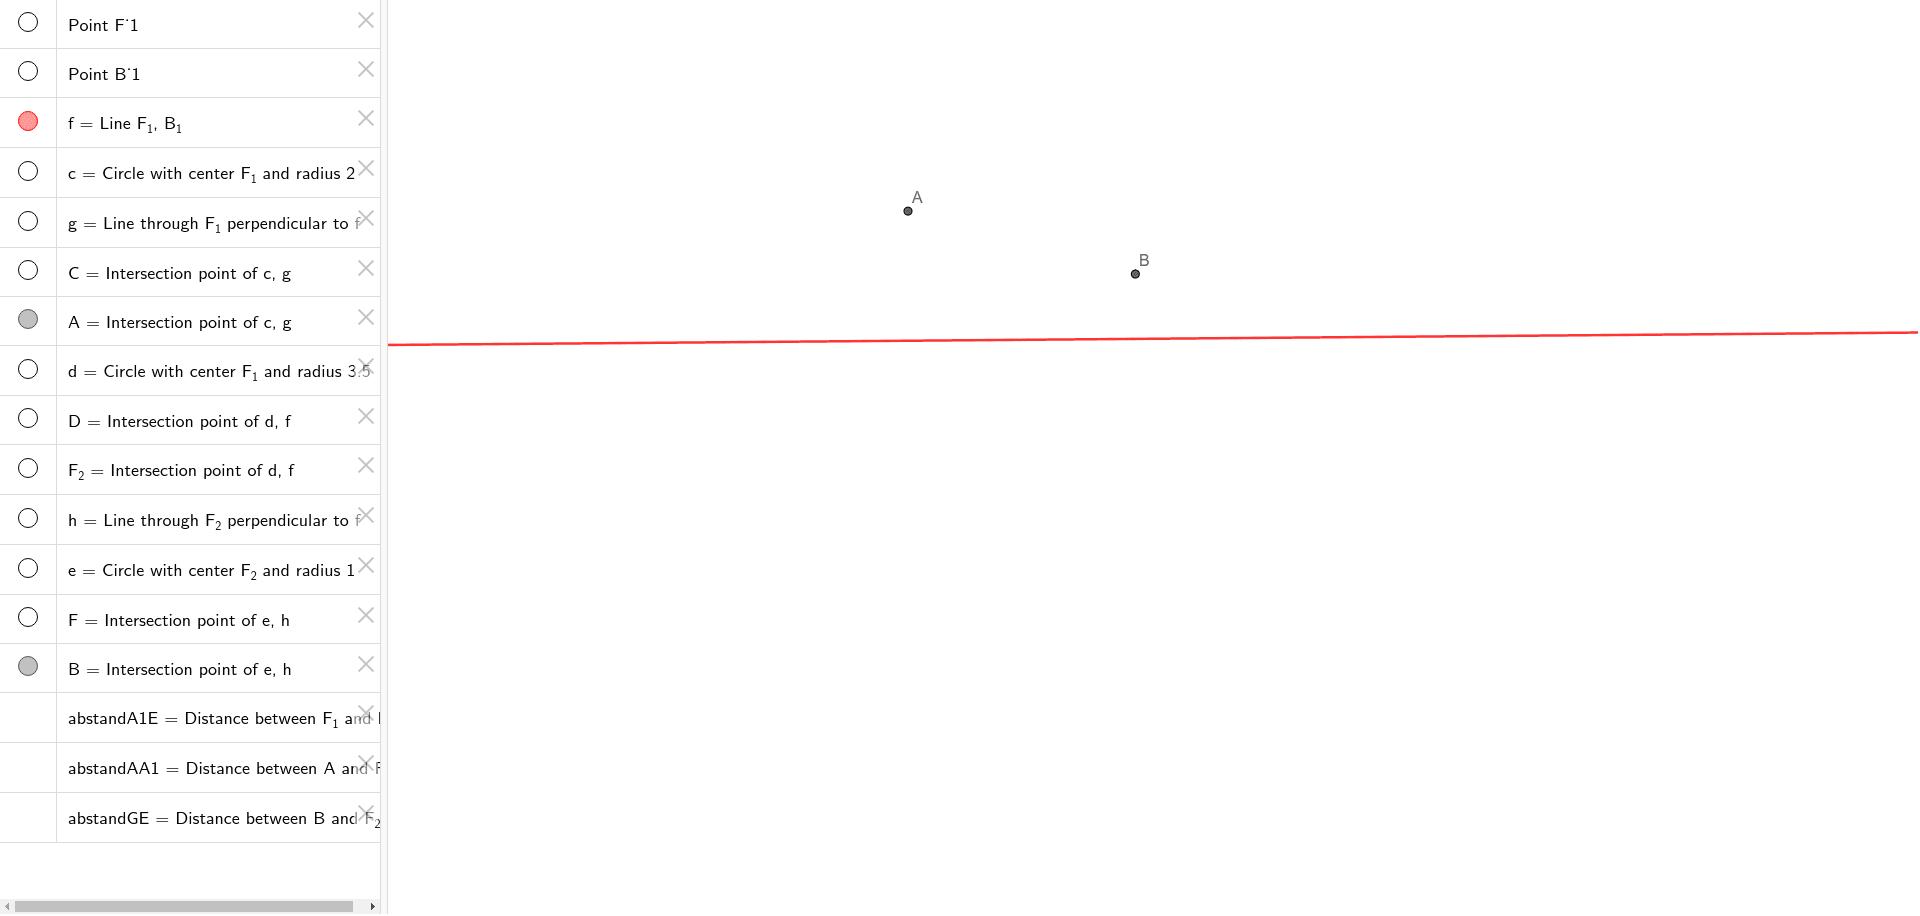 Planen mit Geometrie und DGS - Neue Wege 110/22 - 7f Buckhorn Frübis Drücke die Eingabetaste um die Aktivität zu starten